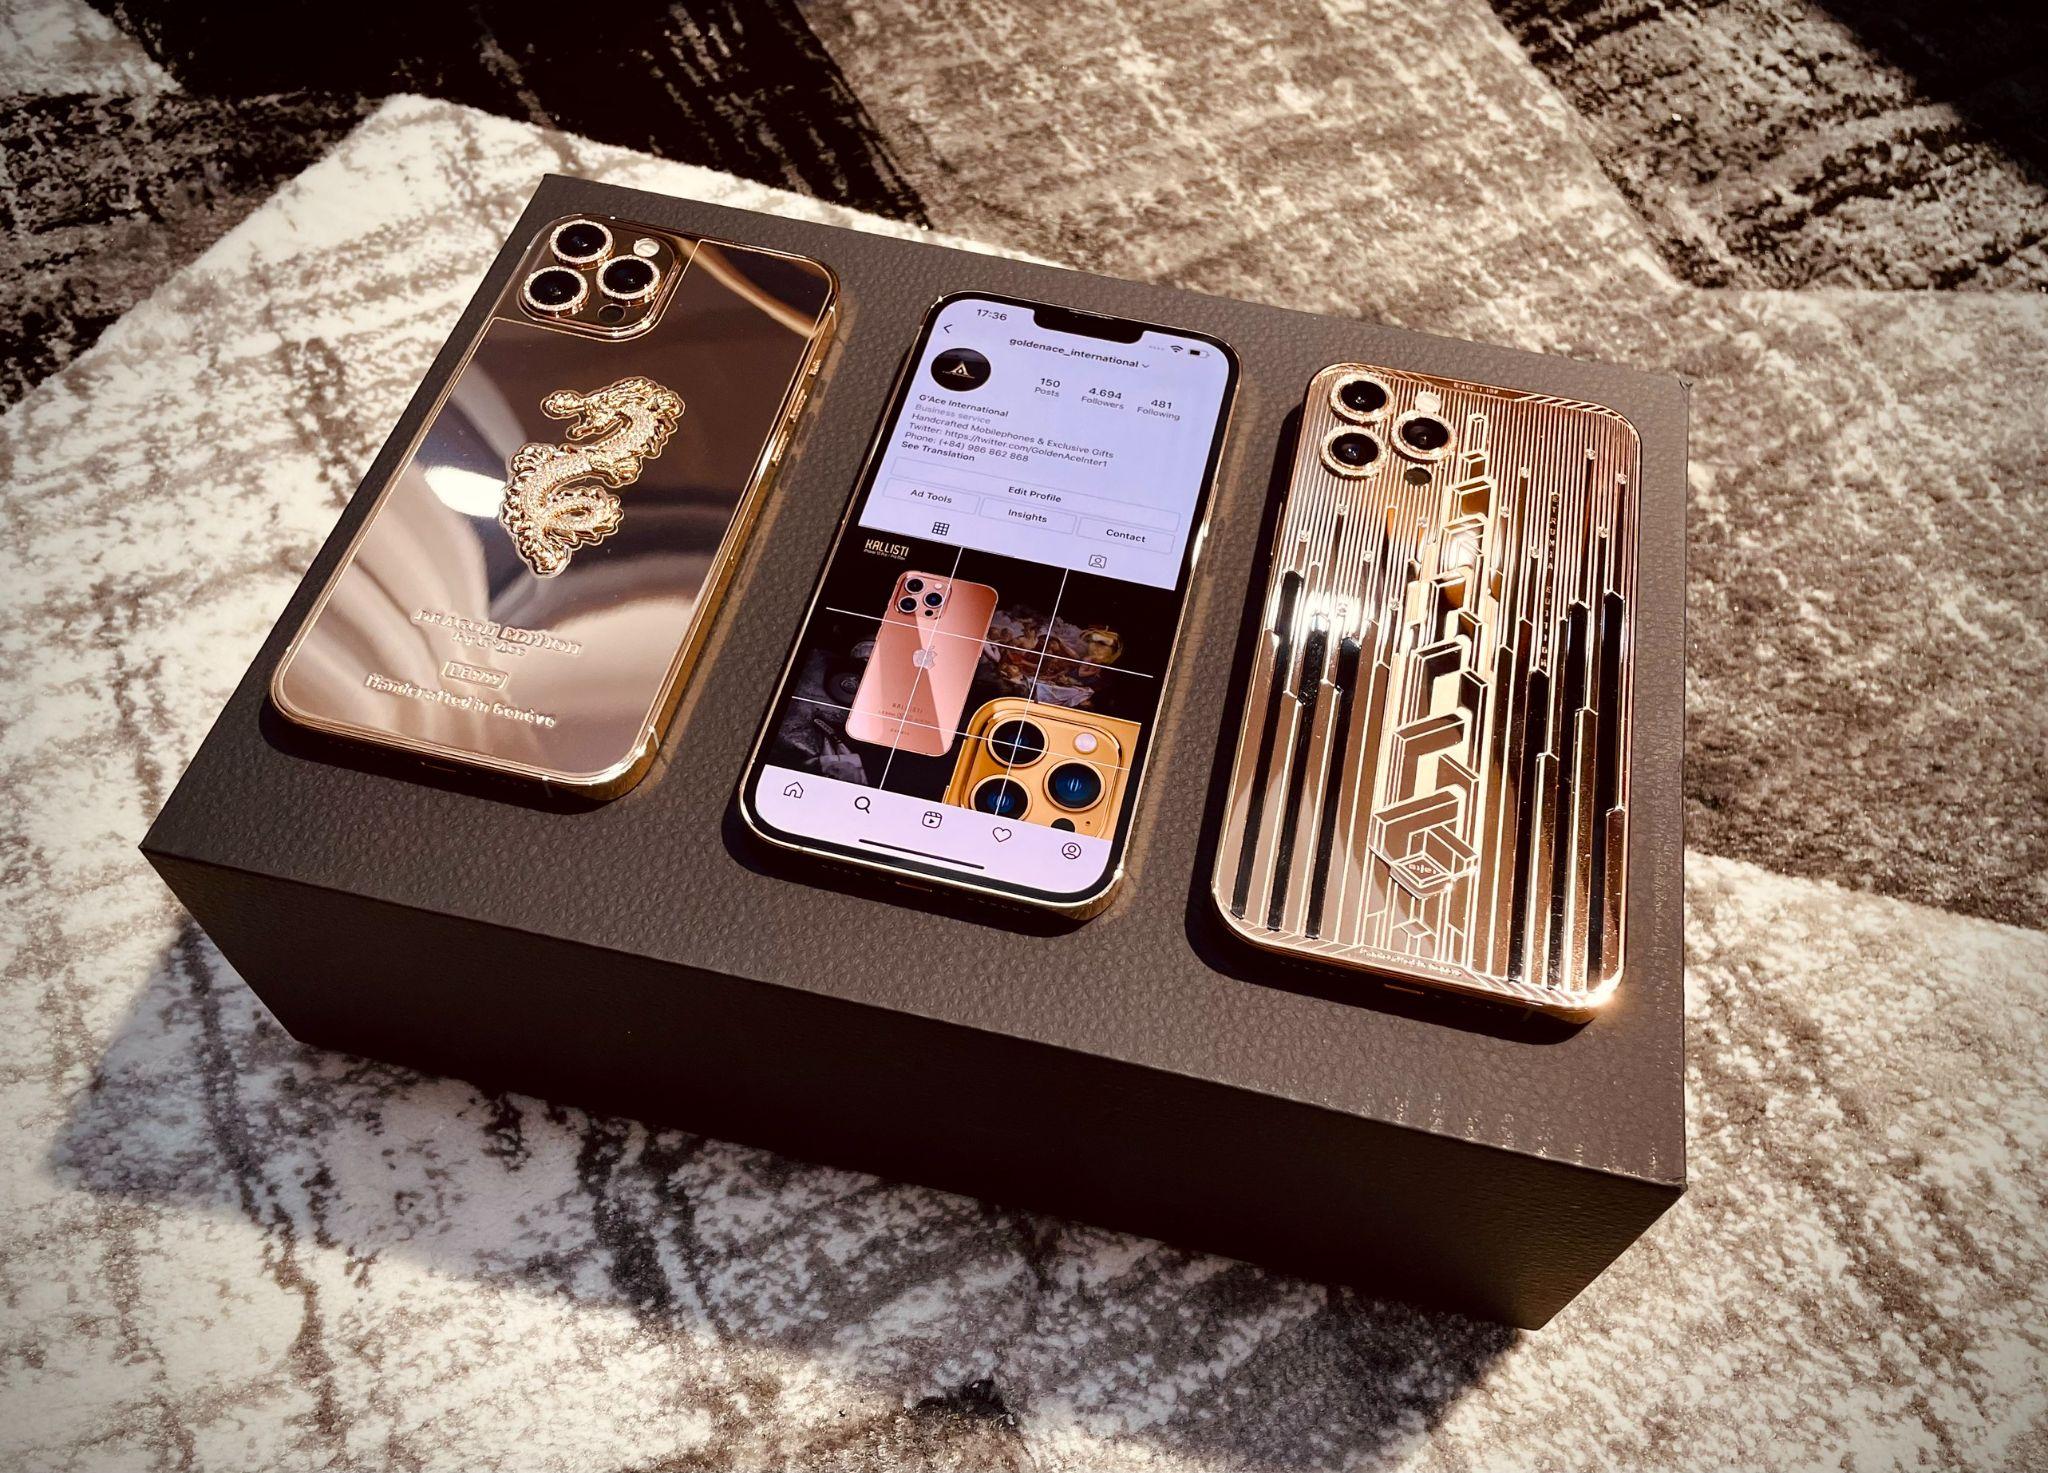 """Chi tiết iPhone 13 Pro Max bản mạ vàng và kim cương siêu """"sang chảnh"""" giá hơn 130 triệu đồng tại Việt Nam - Ảnh 8."""